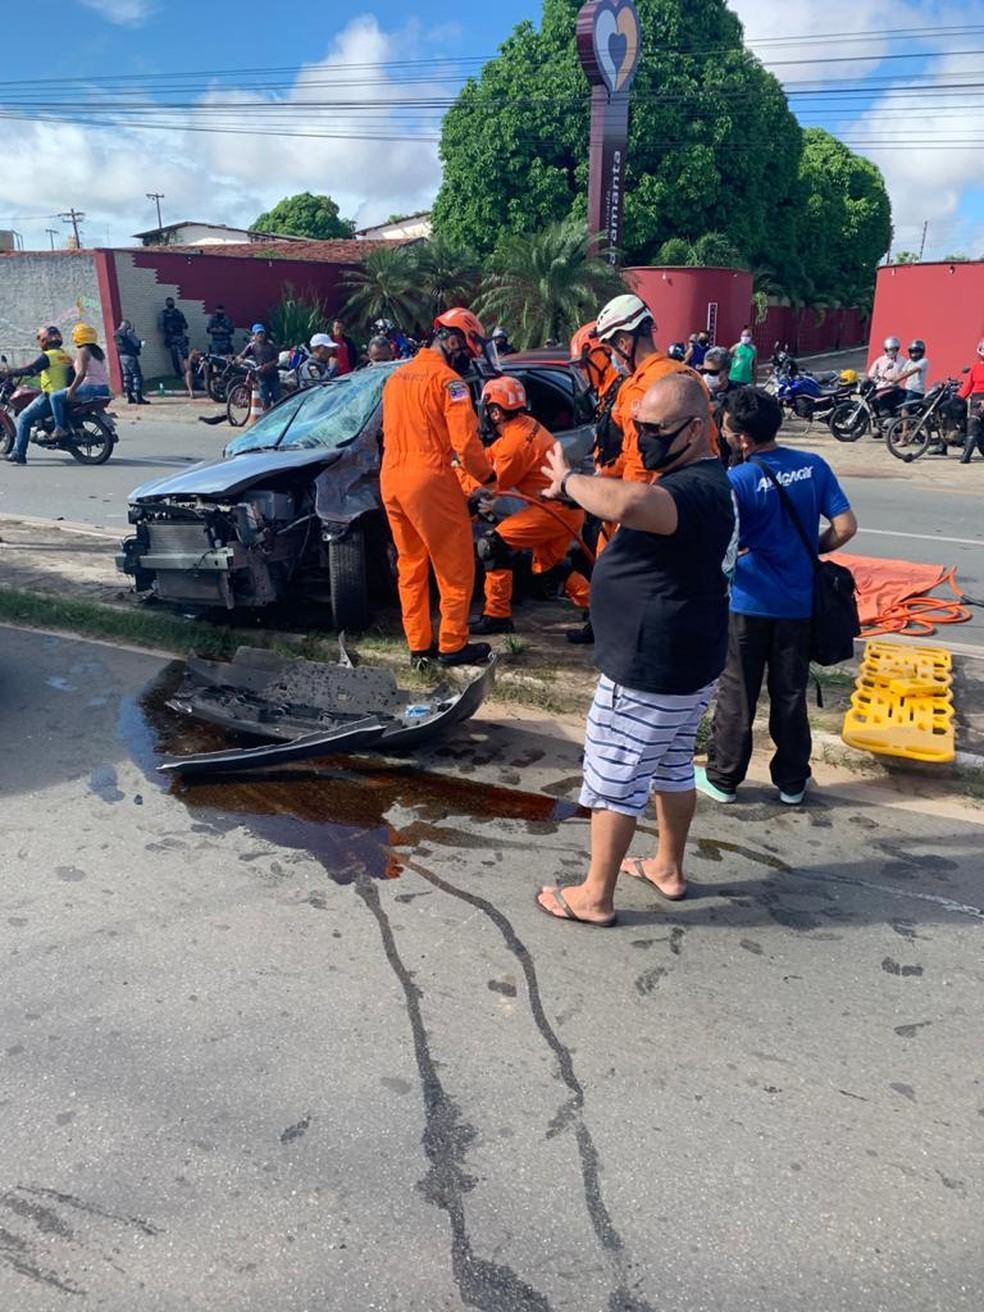 Cinco pessoas ficaram feridas em um acidente envolvendo três veículos na MA-201 — Foto: Divulgação